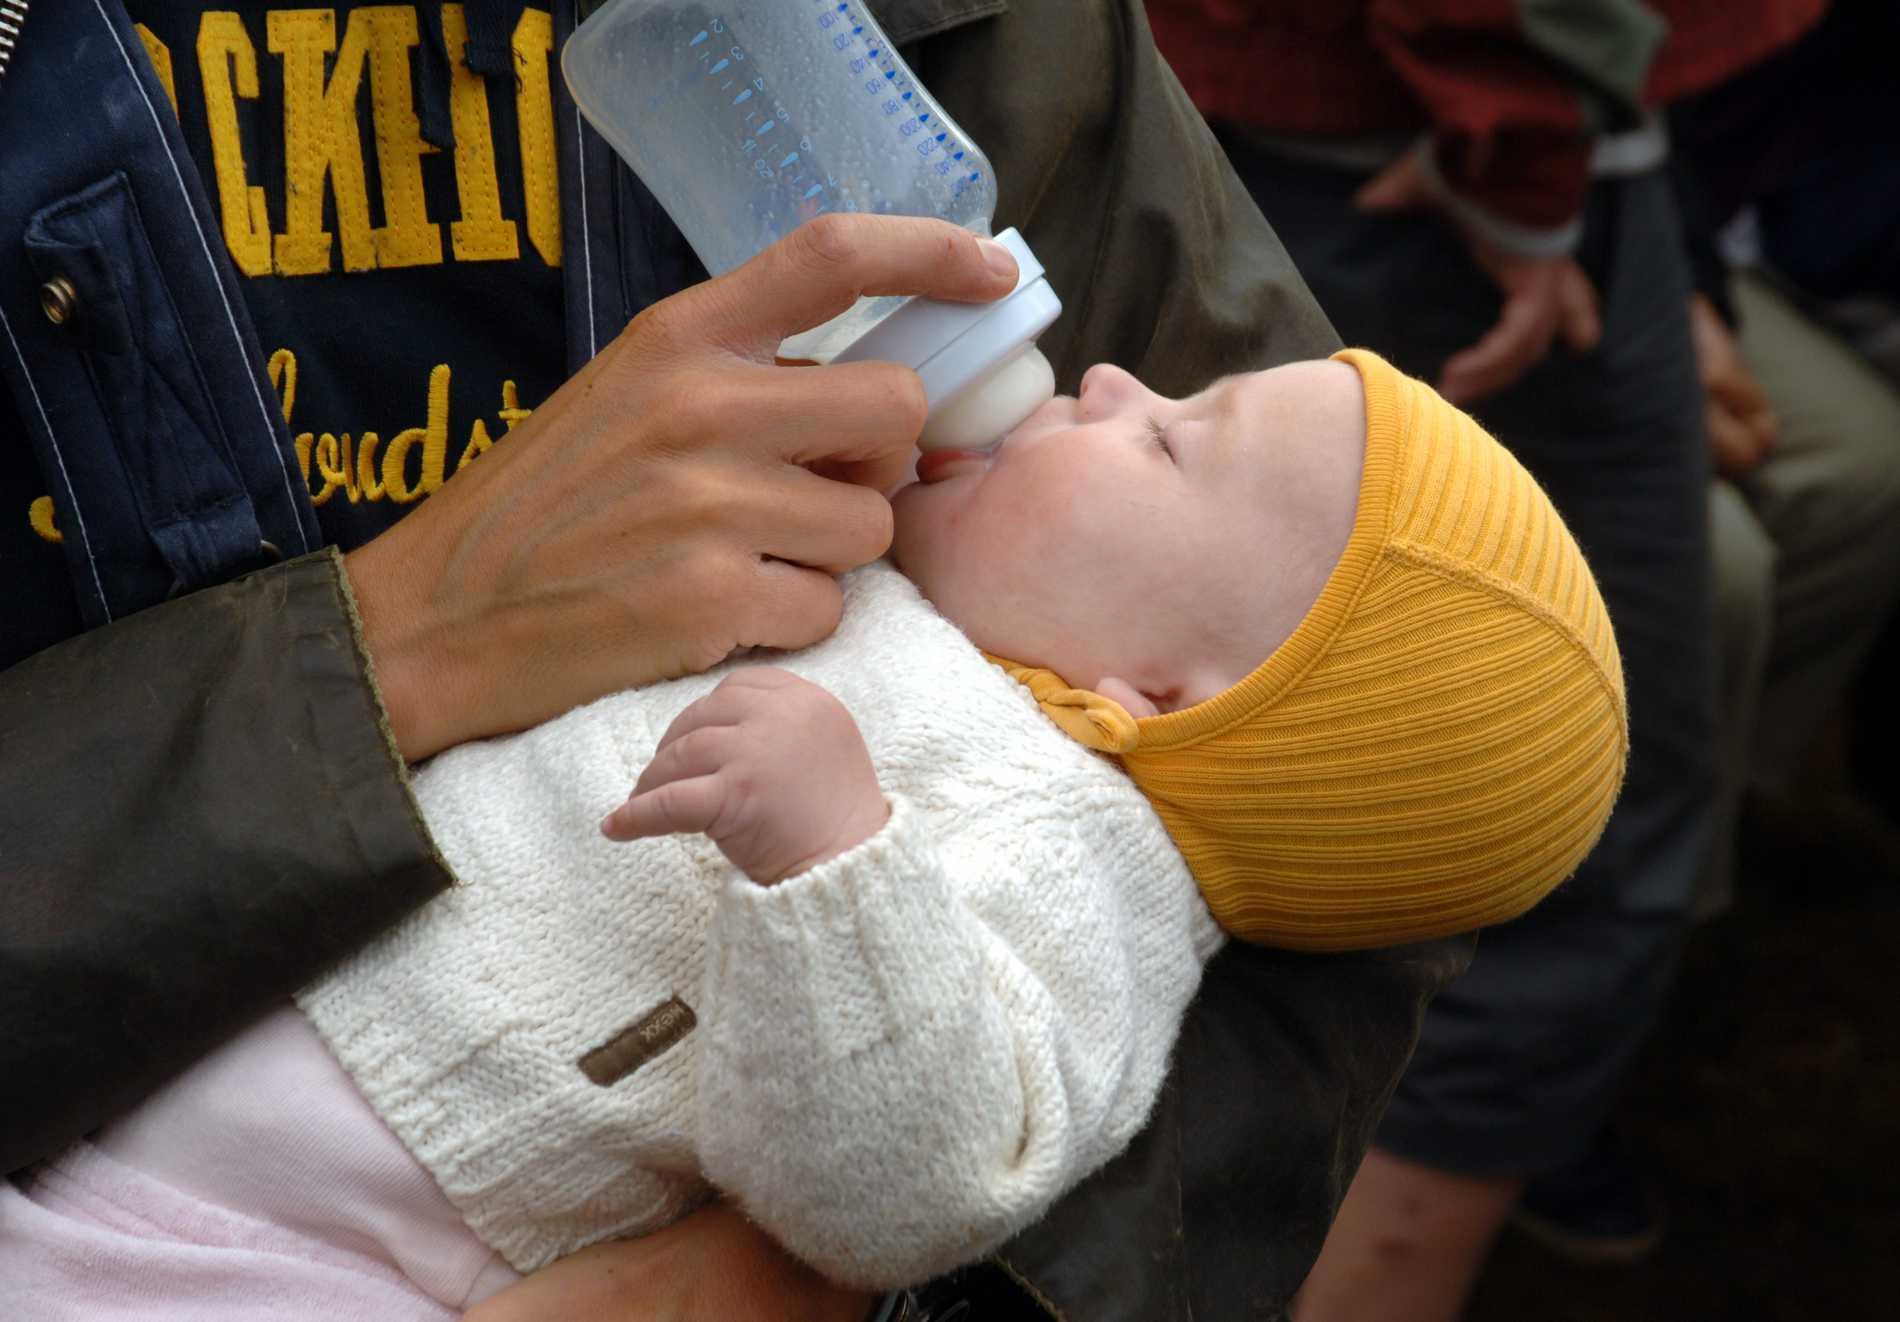 En ettåring som dricker välling varje dag har dubbelt så stor risk att bli överviktig som femåring, visar forskning vid Sahlgrenska akademin i Göteborg. Arkivbild.